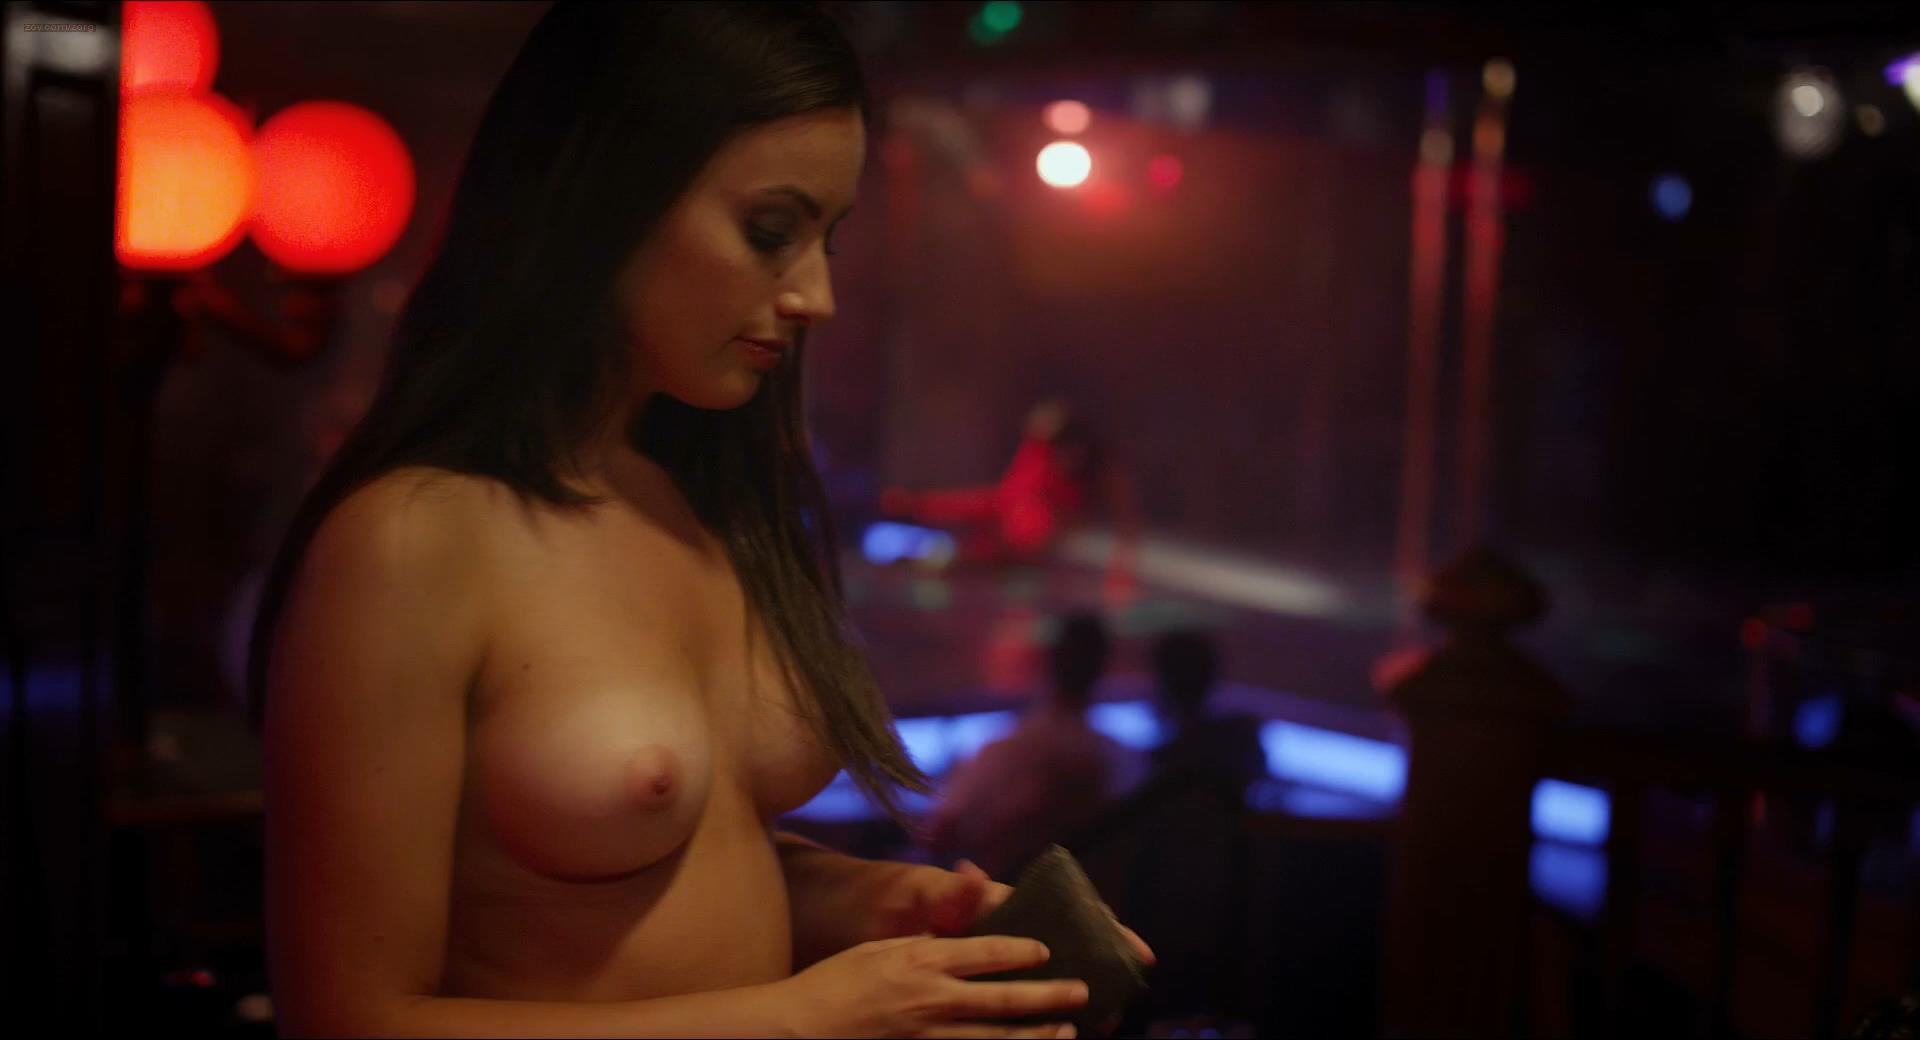 Hot babe porn gif